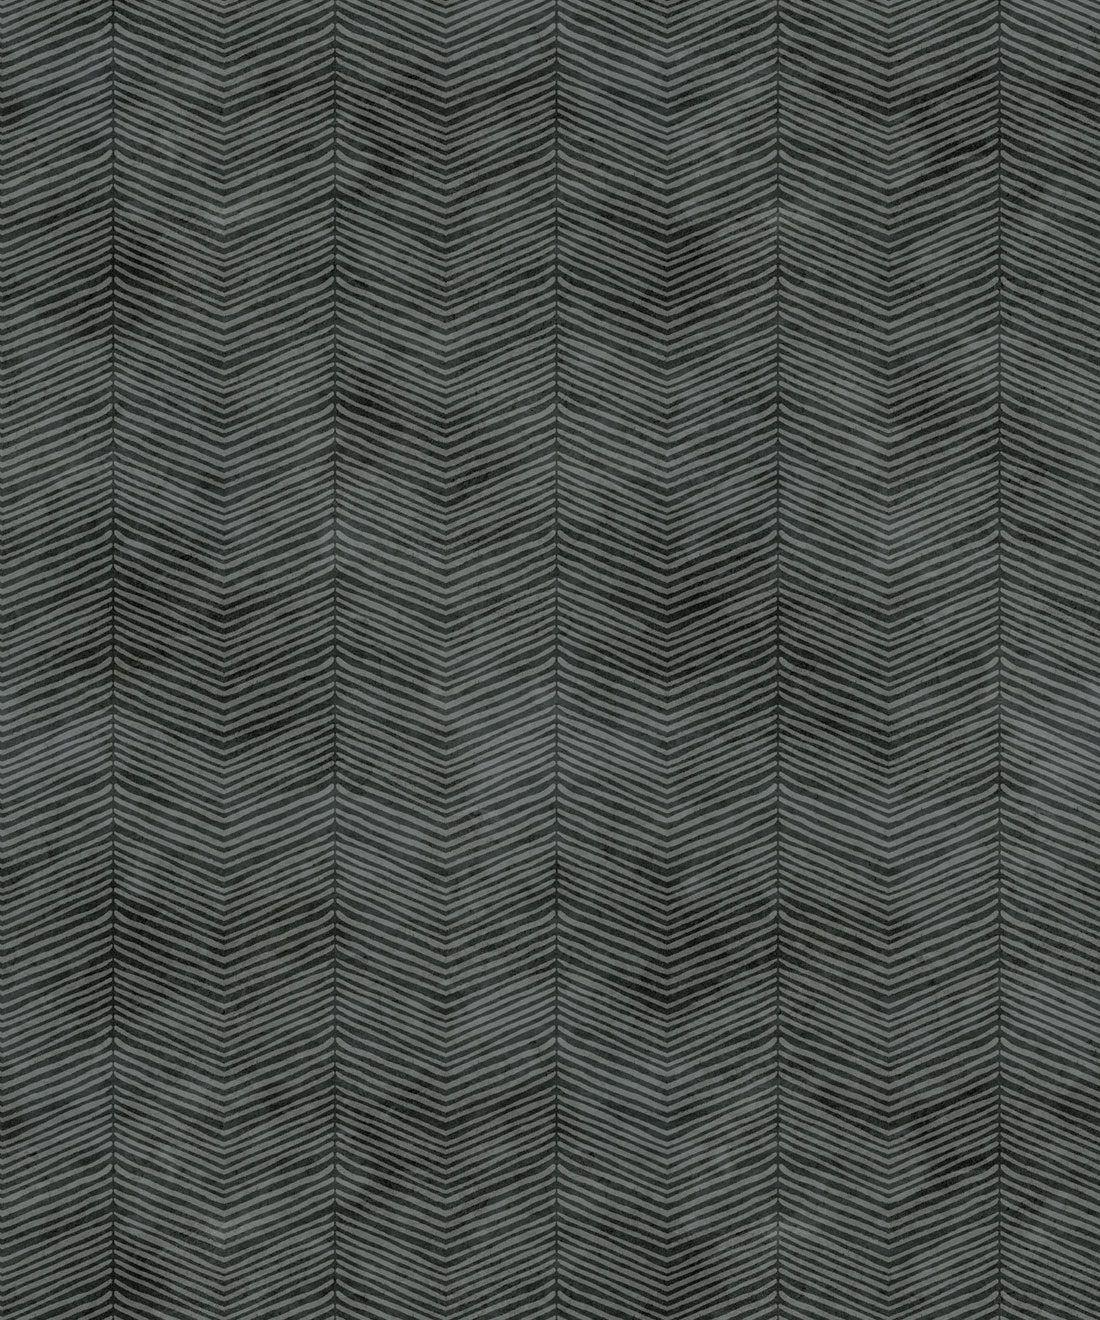 Herringbone Charcoal